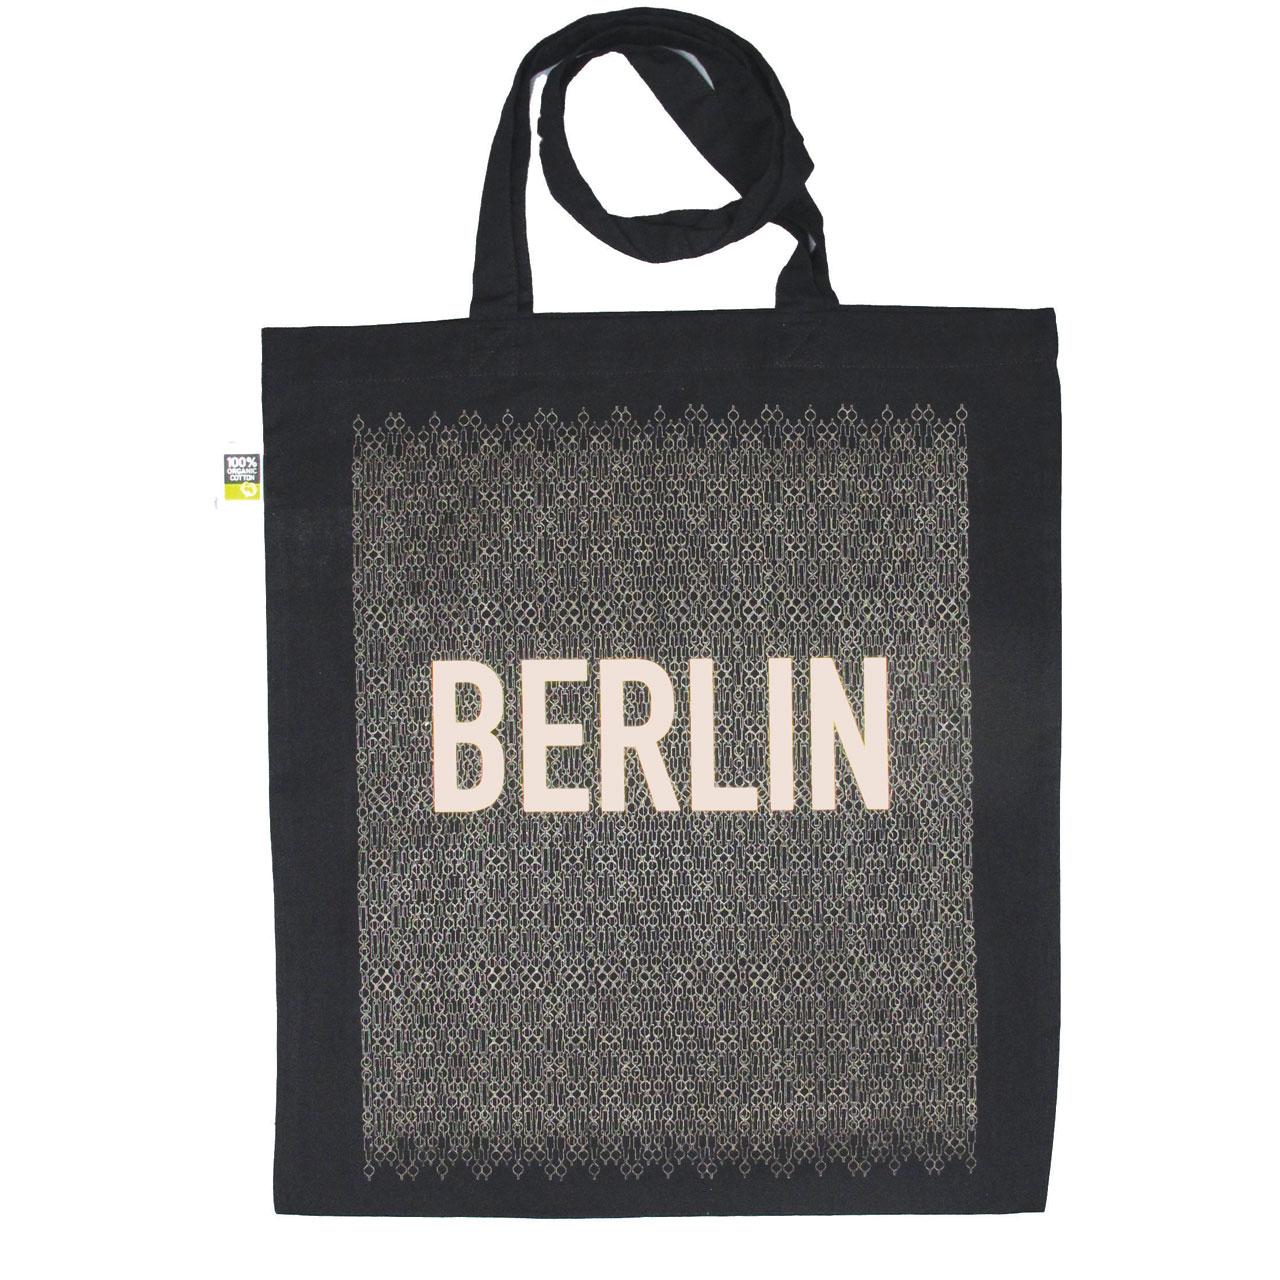 Berlin Jutebeutel Fernsehturm schwarz/gold